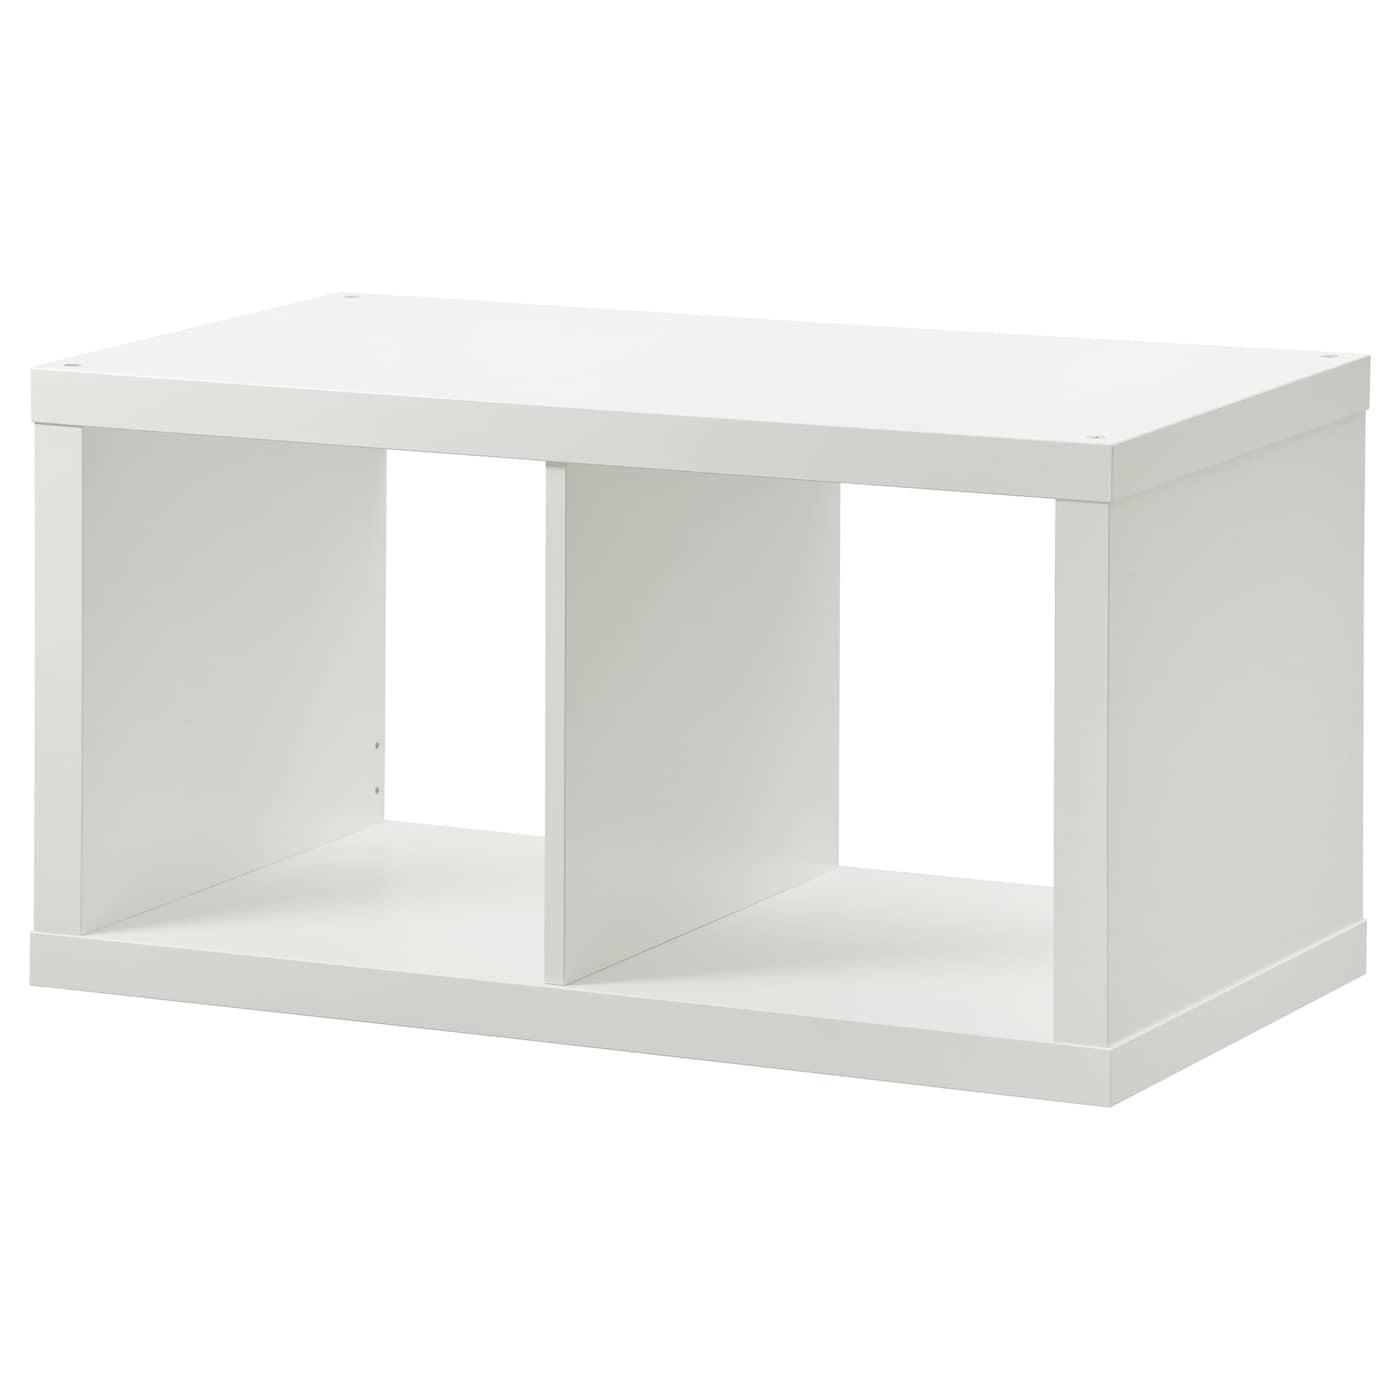 Boxen und Einsätze die in dein KALLAX Regal passen IKEA